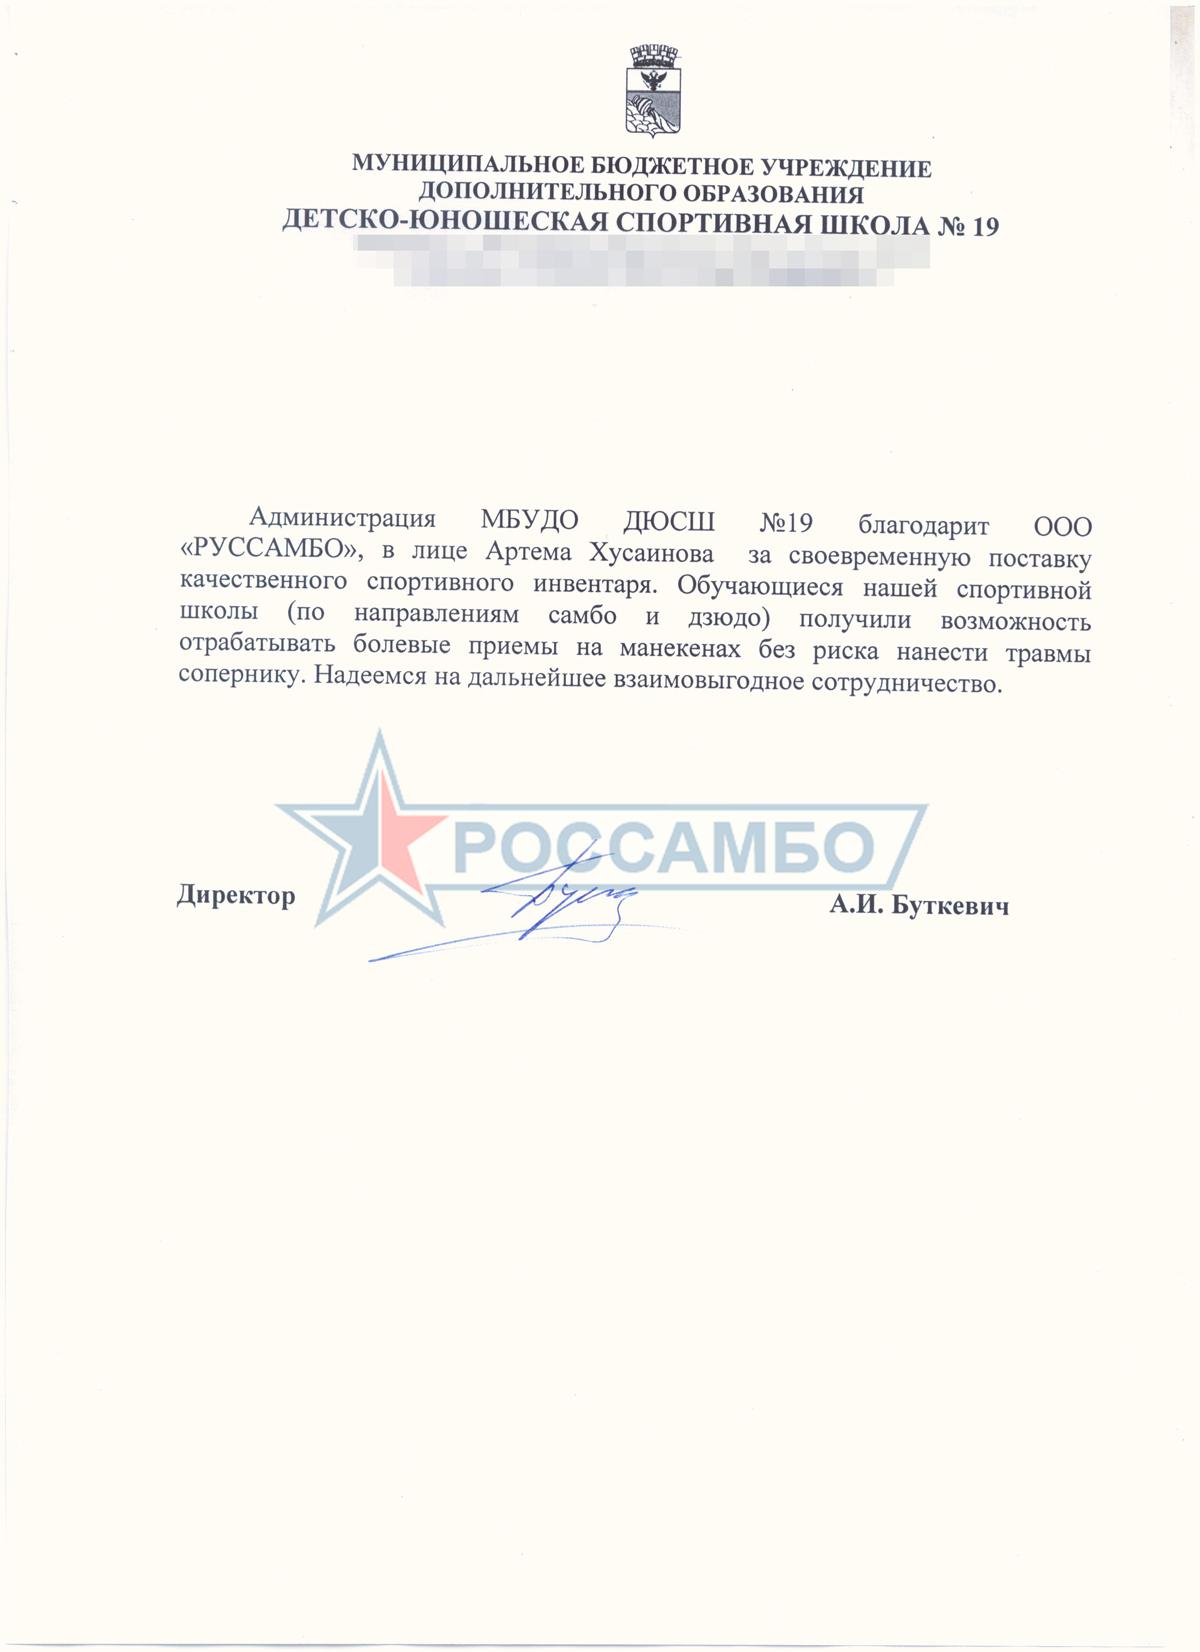 Благодарность за оборудование для борьбы в ДЮСШ от РОССАМБО